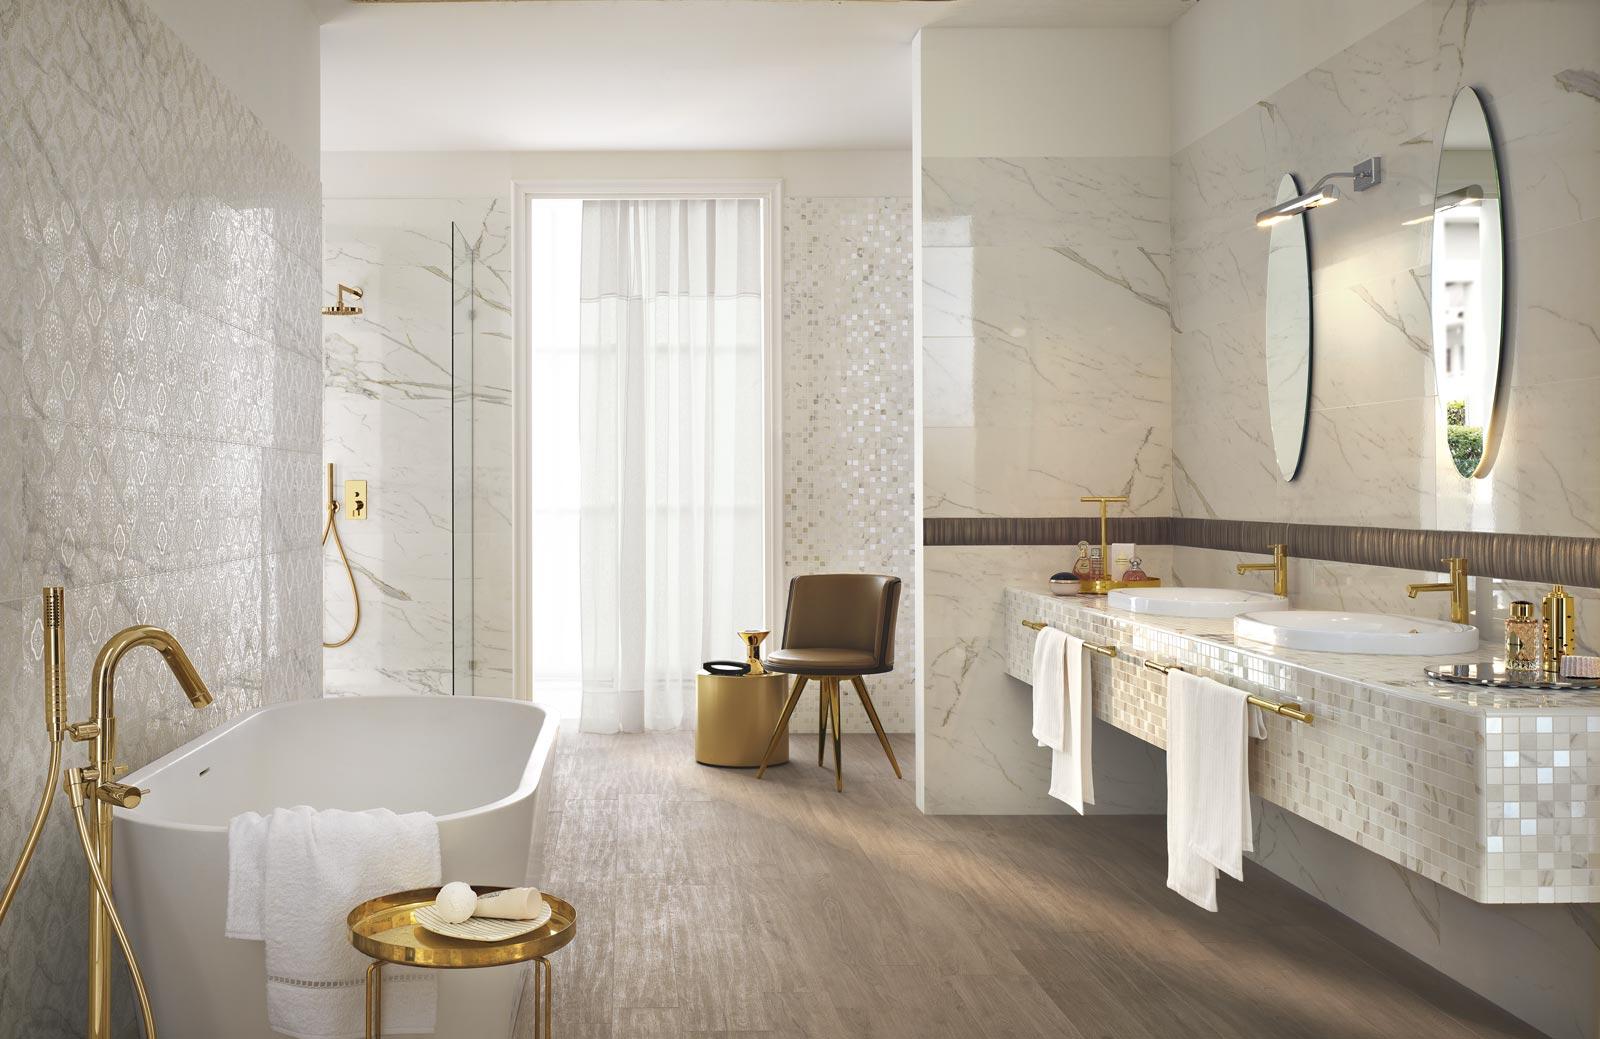 Collezione daylight rivestimenti bagno effetto marmo ragno - Finto mosaico bagno ...